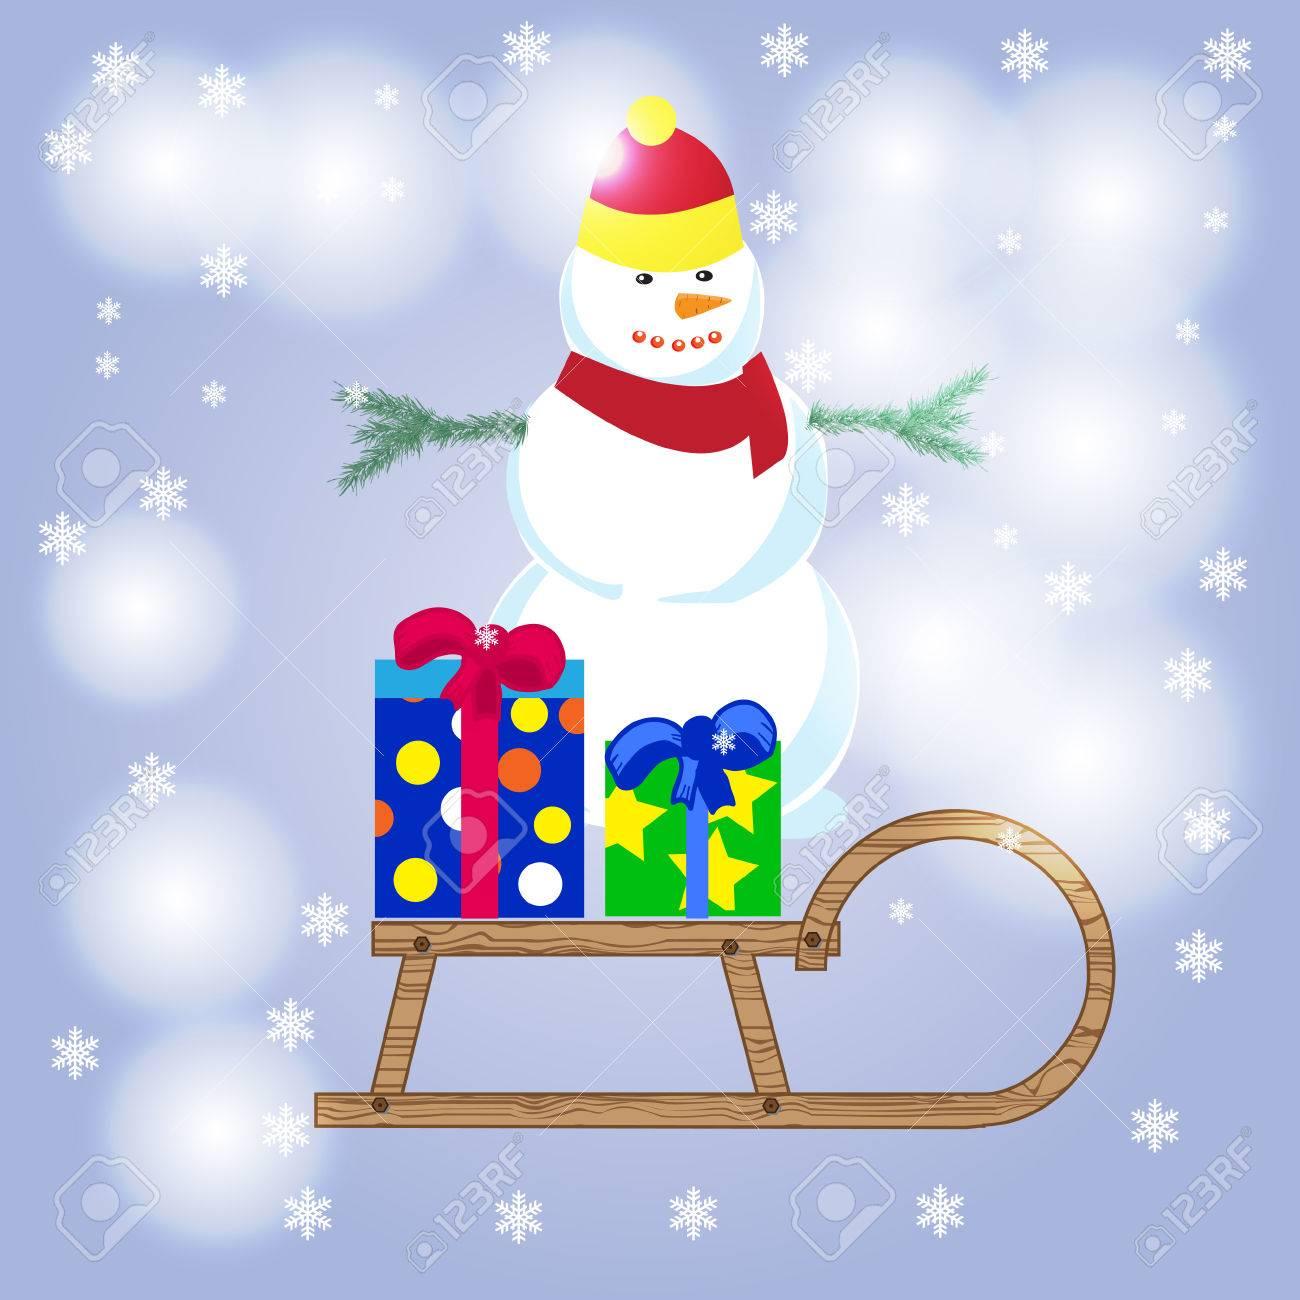 メリー クリスマス 幸せな雪だるま 雪だるま 雪だるまクリスマス雪だるま背景 雪だるま漫画 かわいい雪だるま 雪だるまの壁紙のイラスト素材 ベクタ Image